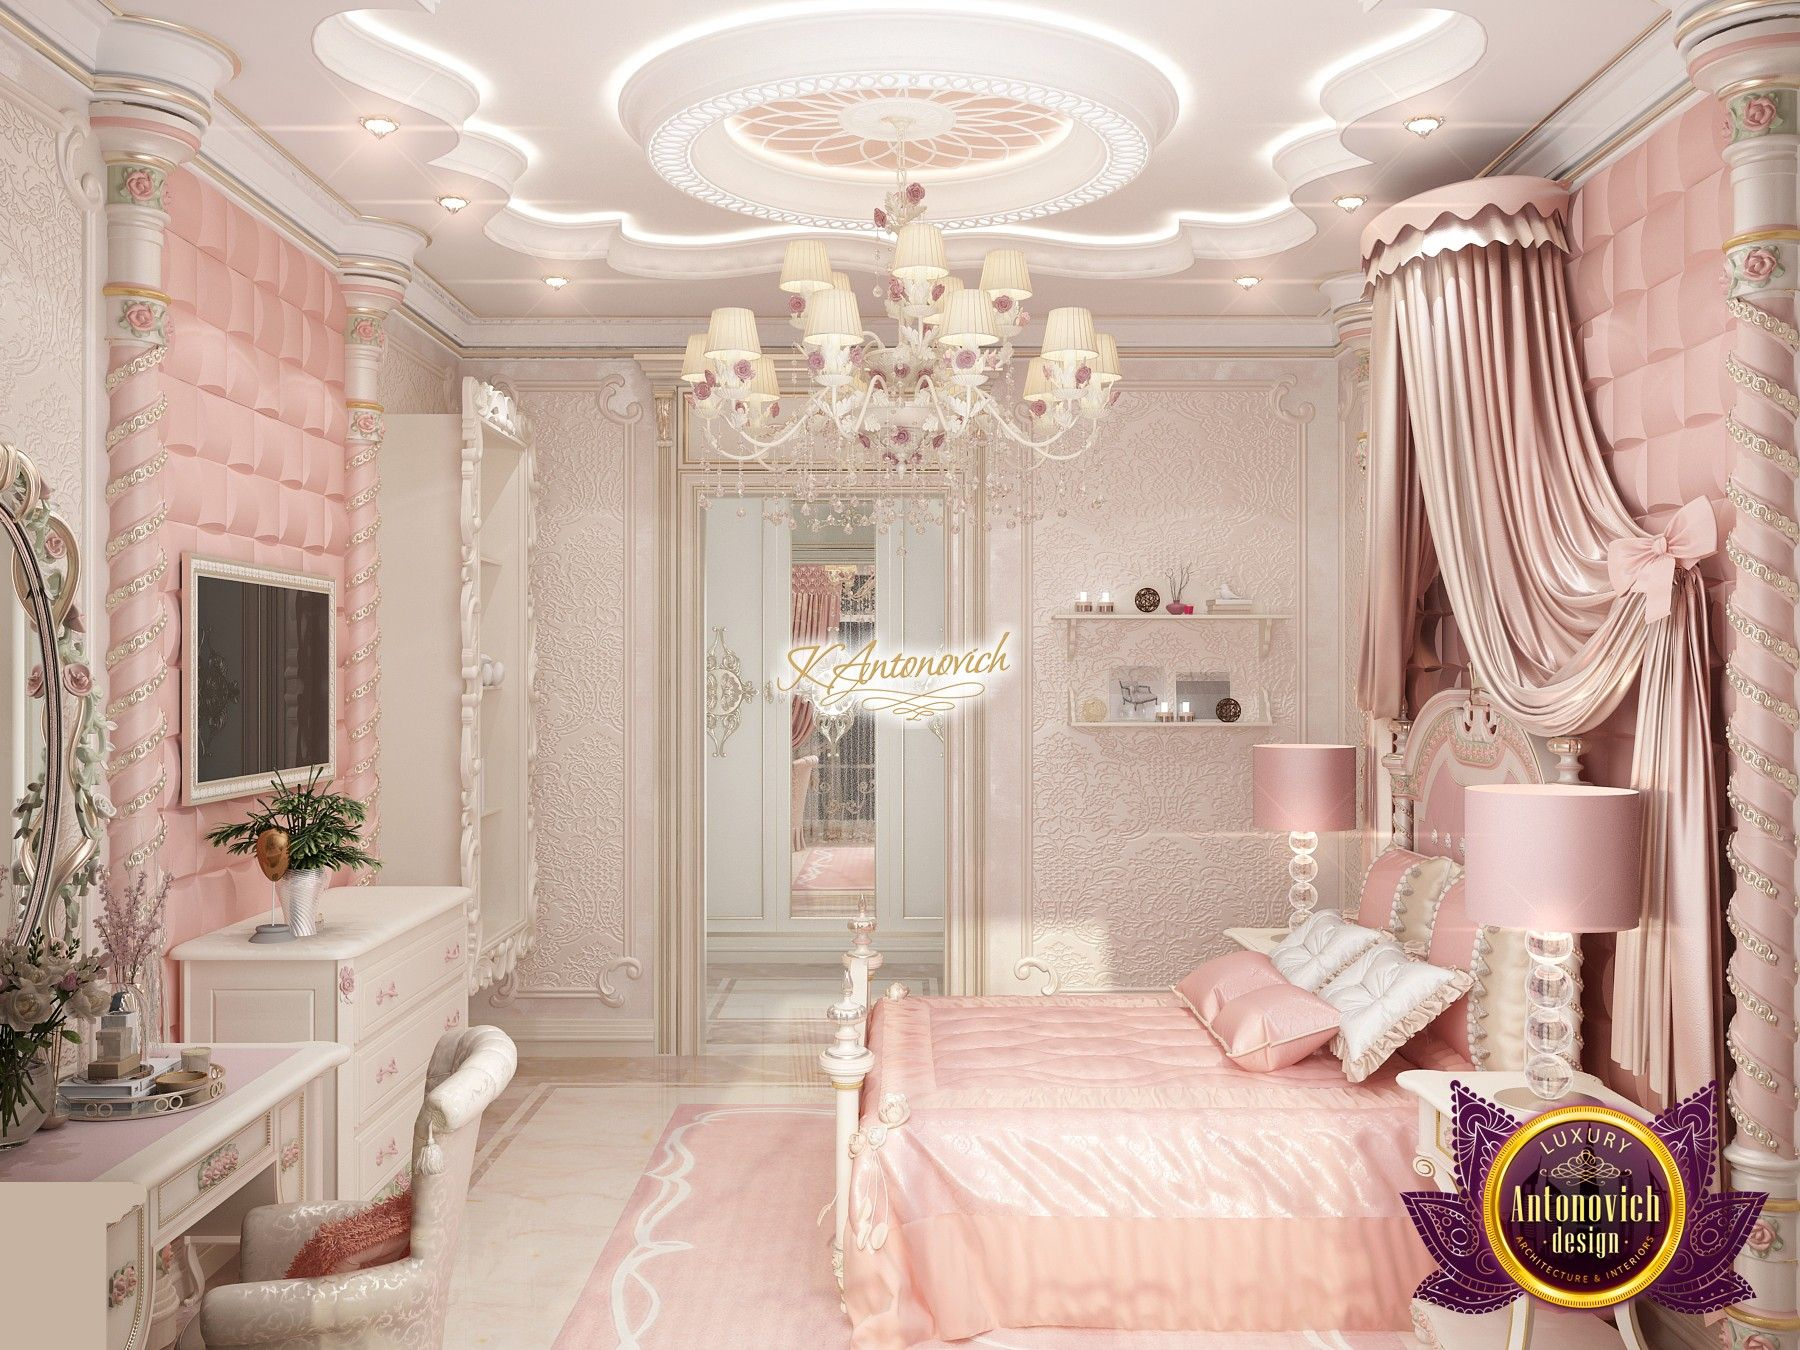 Luxury Villa In Cambodia Girl Bedroom Decor Luxurious Bedrooms Princess Bedroom Luxury teenage girls bedroom